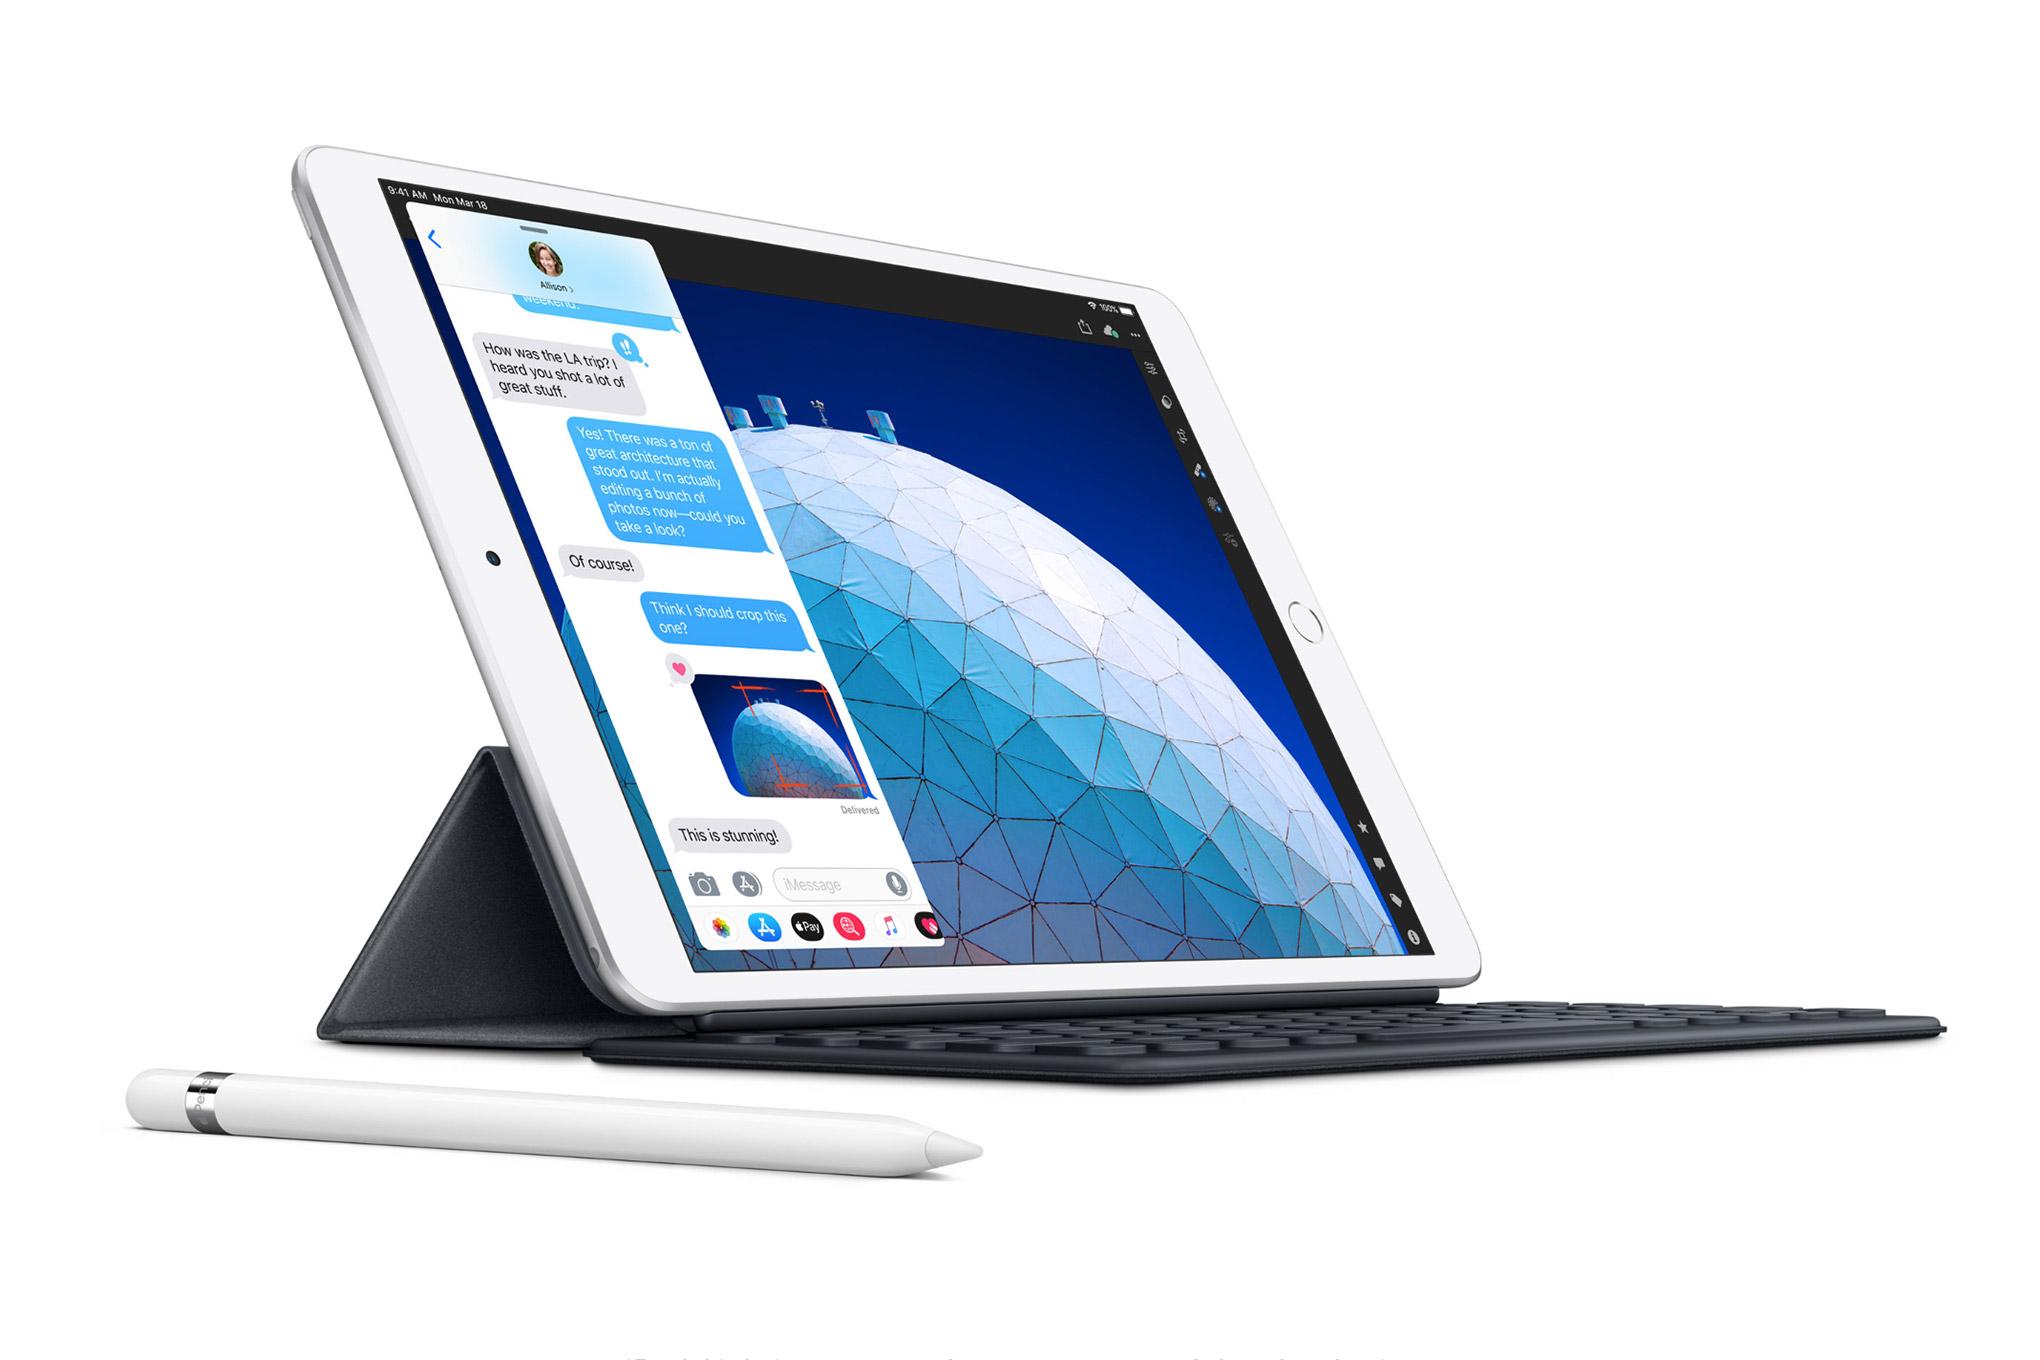 Nghịch lý: iPad Air và iPad Mini 2019 vừa hỗ trợ Apple Pencil, vừa không hỗ trợ Apple Pencil!